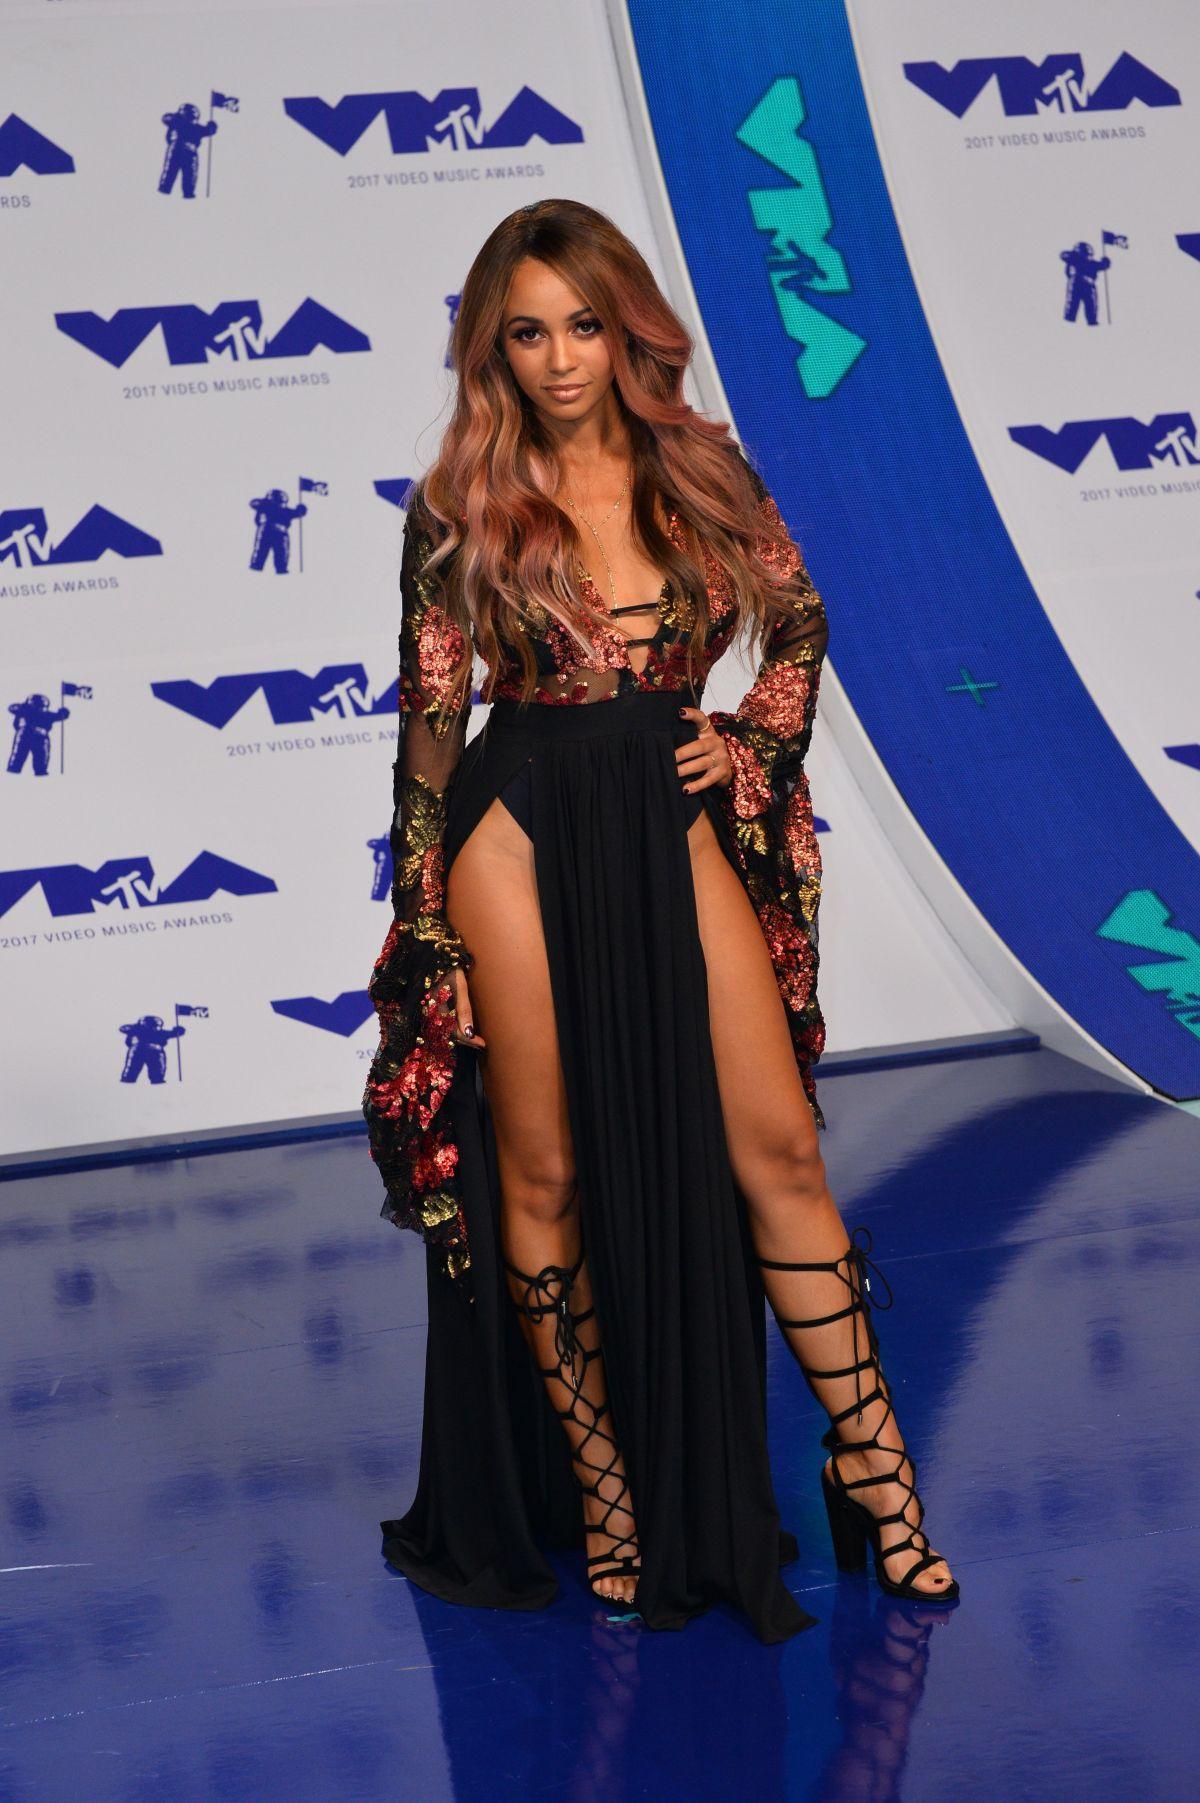 VANESSA MORGAN at 2017 MTV Video Music Awards in Los Angeles 08/27/2017